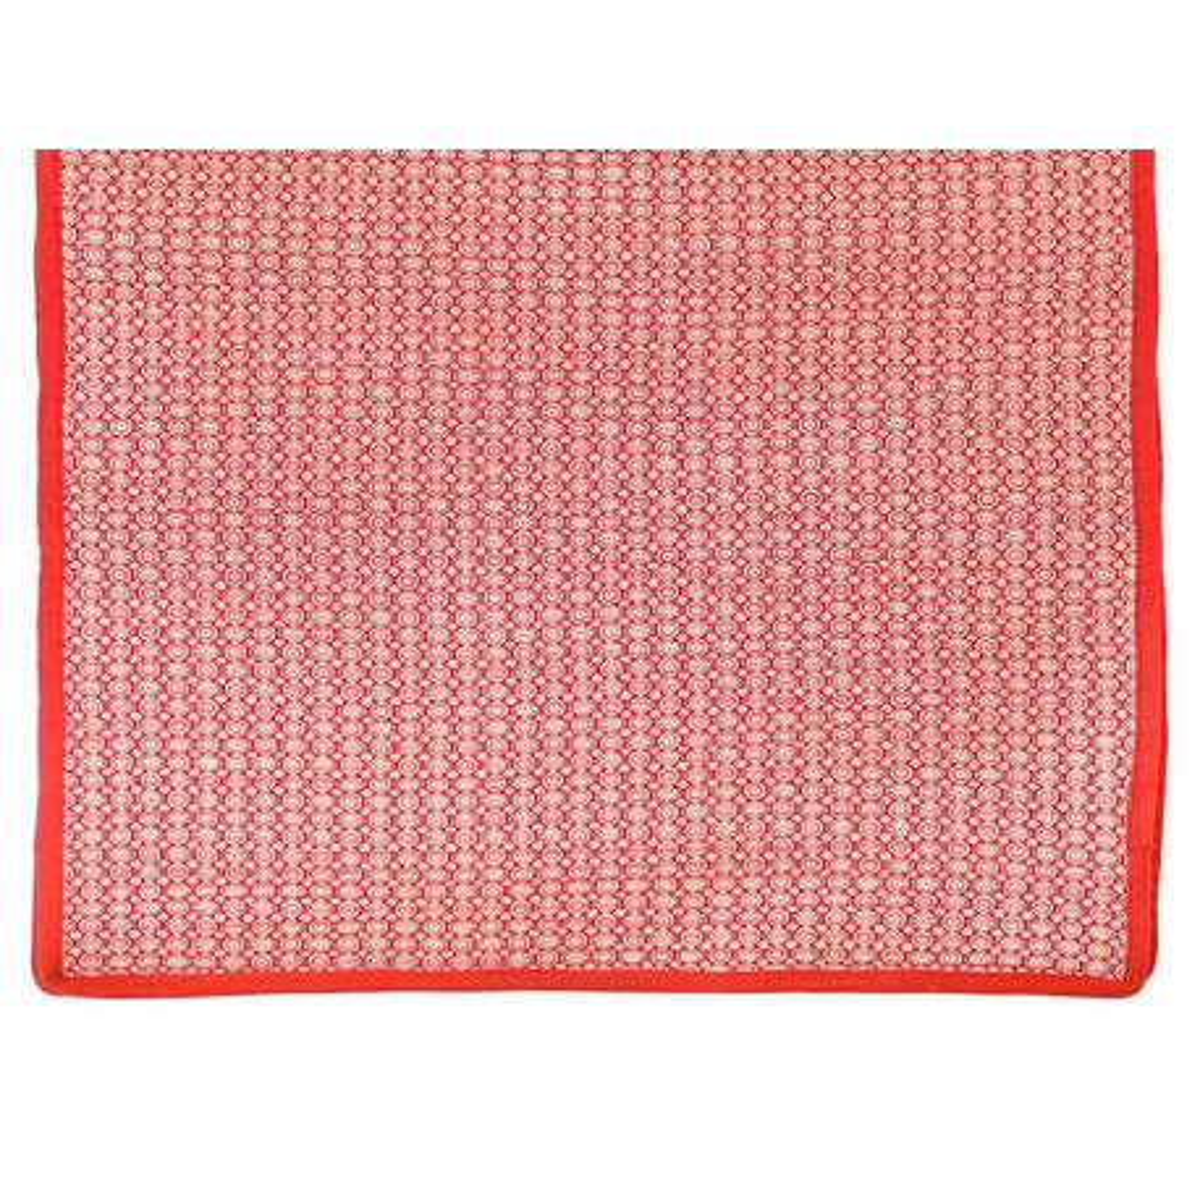 Tapis décoration intérieure coton rouge avec motifs